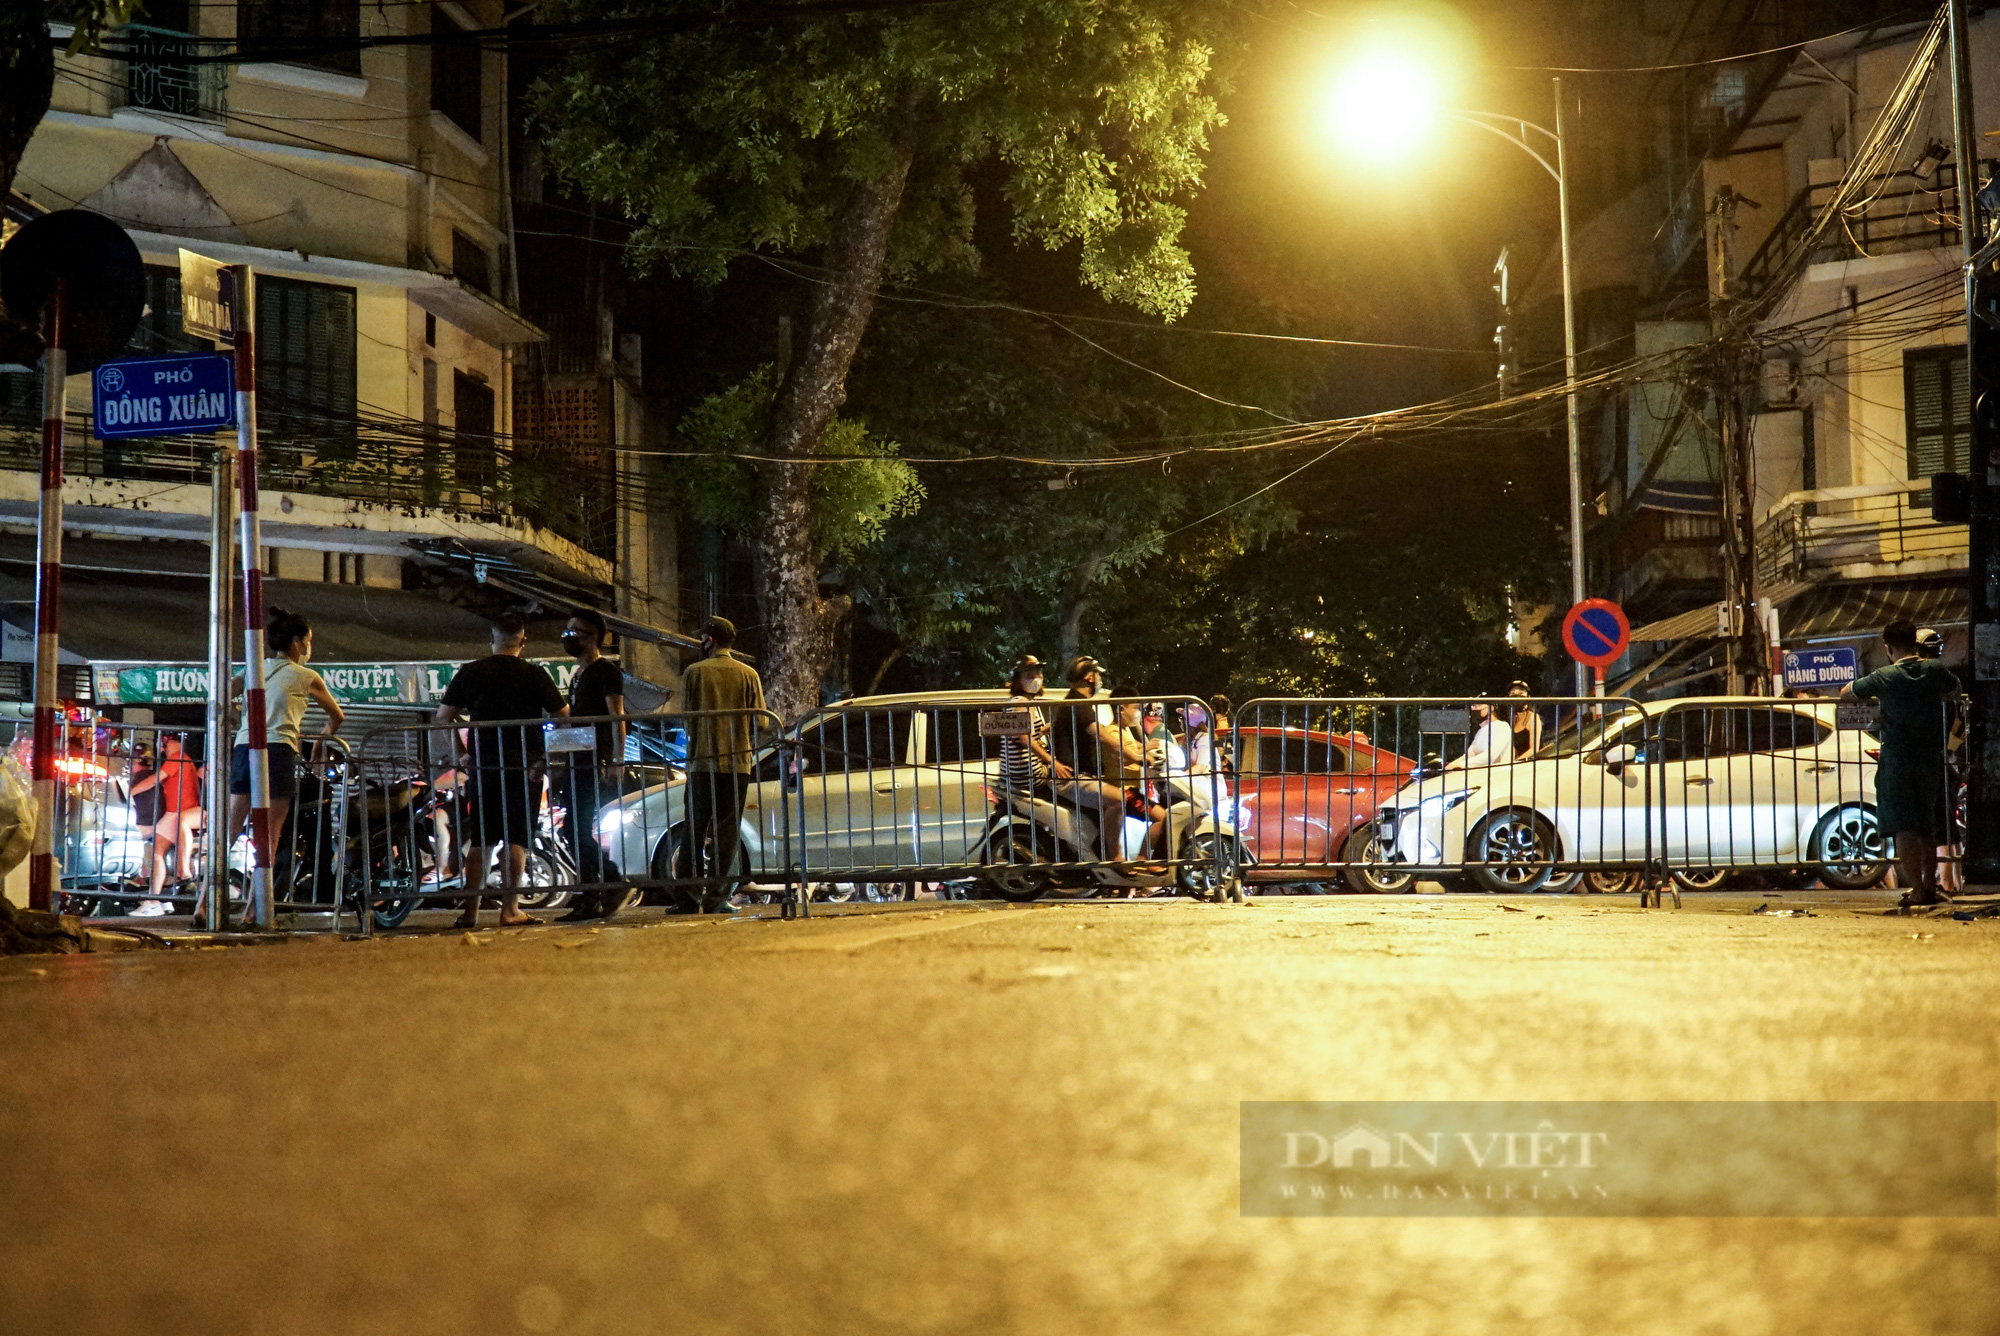 Hàng vạn người dân đổ ra đường chơi Trung sau khi nới lỏng giãn cách - Ảnh 11.